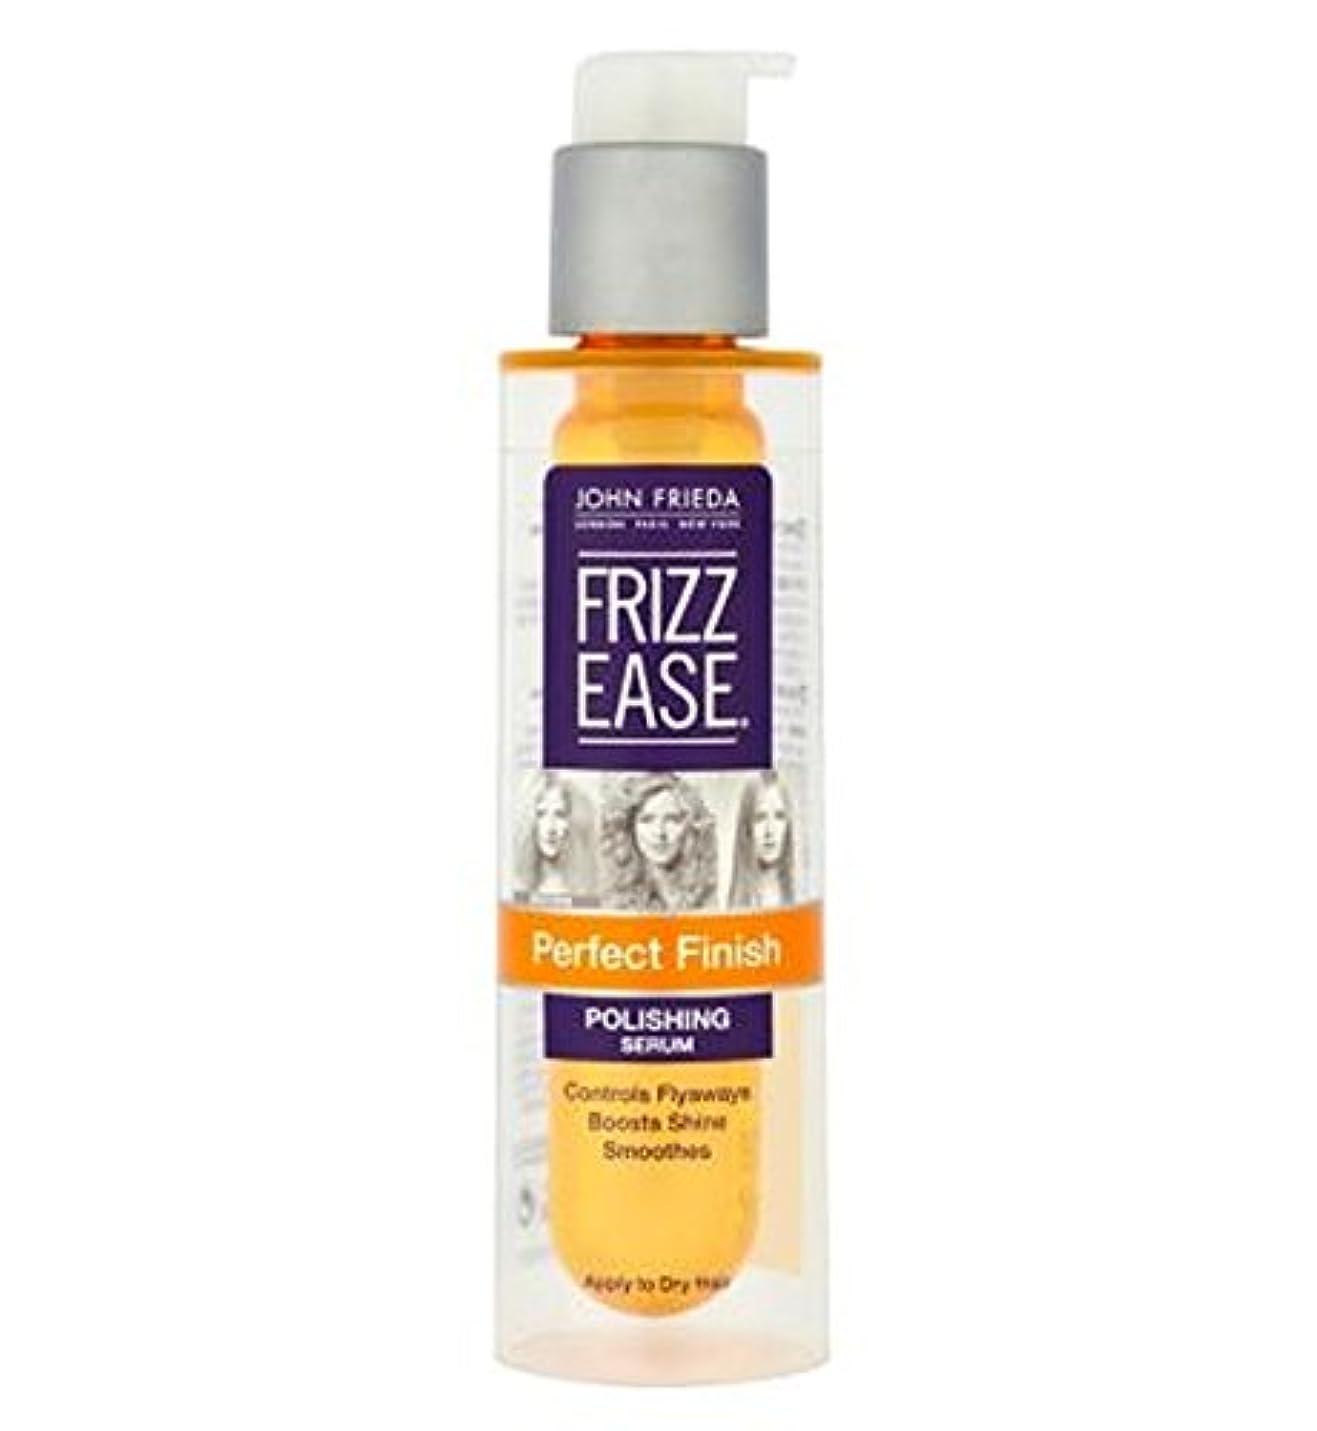 卒業記念アルバム斧結論John Frieda Frizz-Ease Perfect Finish Polishing Serum 50ml - ジョン?フリーダ完璧な仕上げ研磨血清50ミリリットルを縮れ、容易に (John Frieda) [並行輸入品]